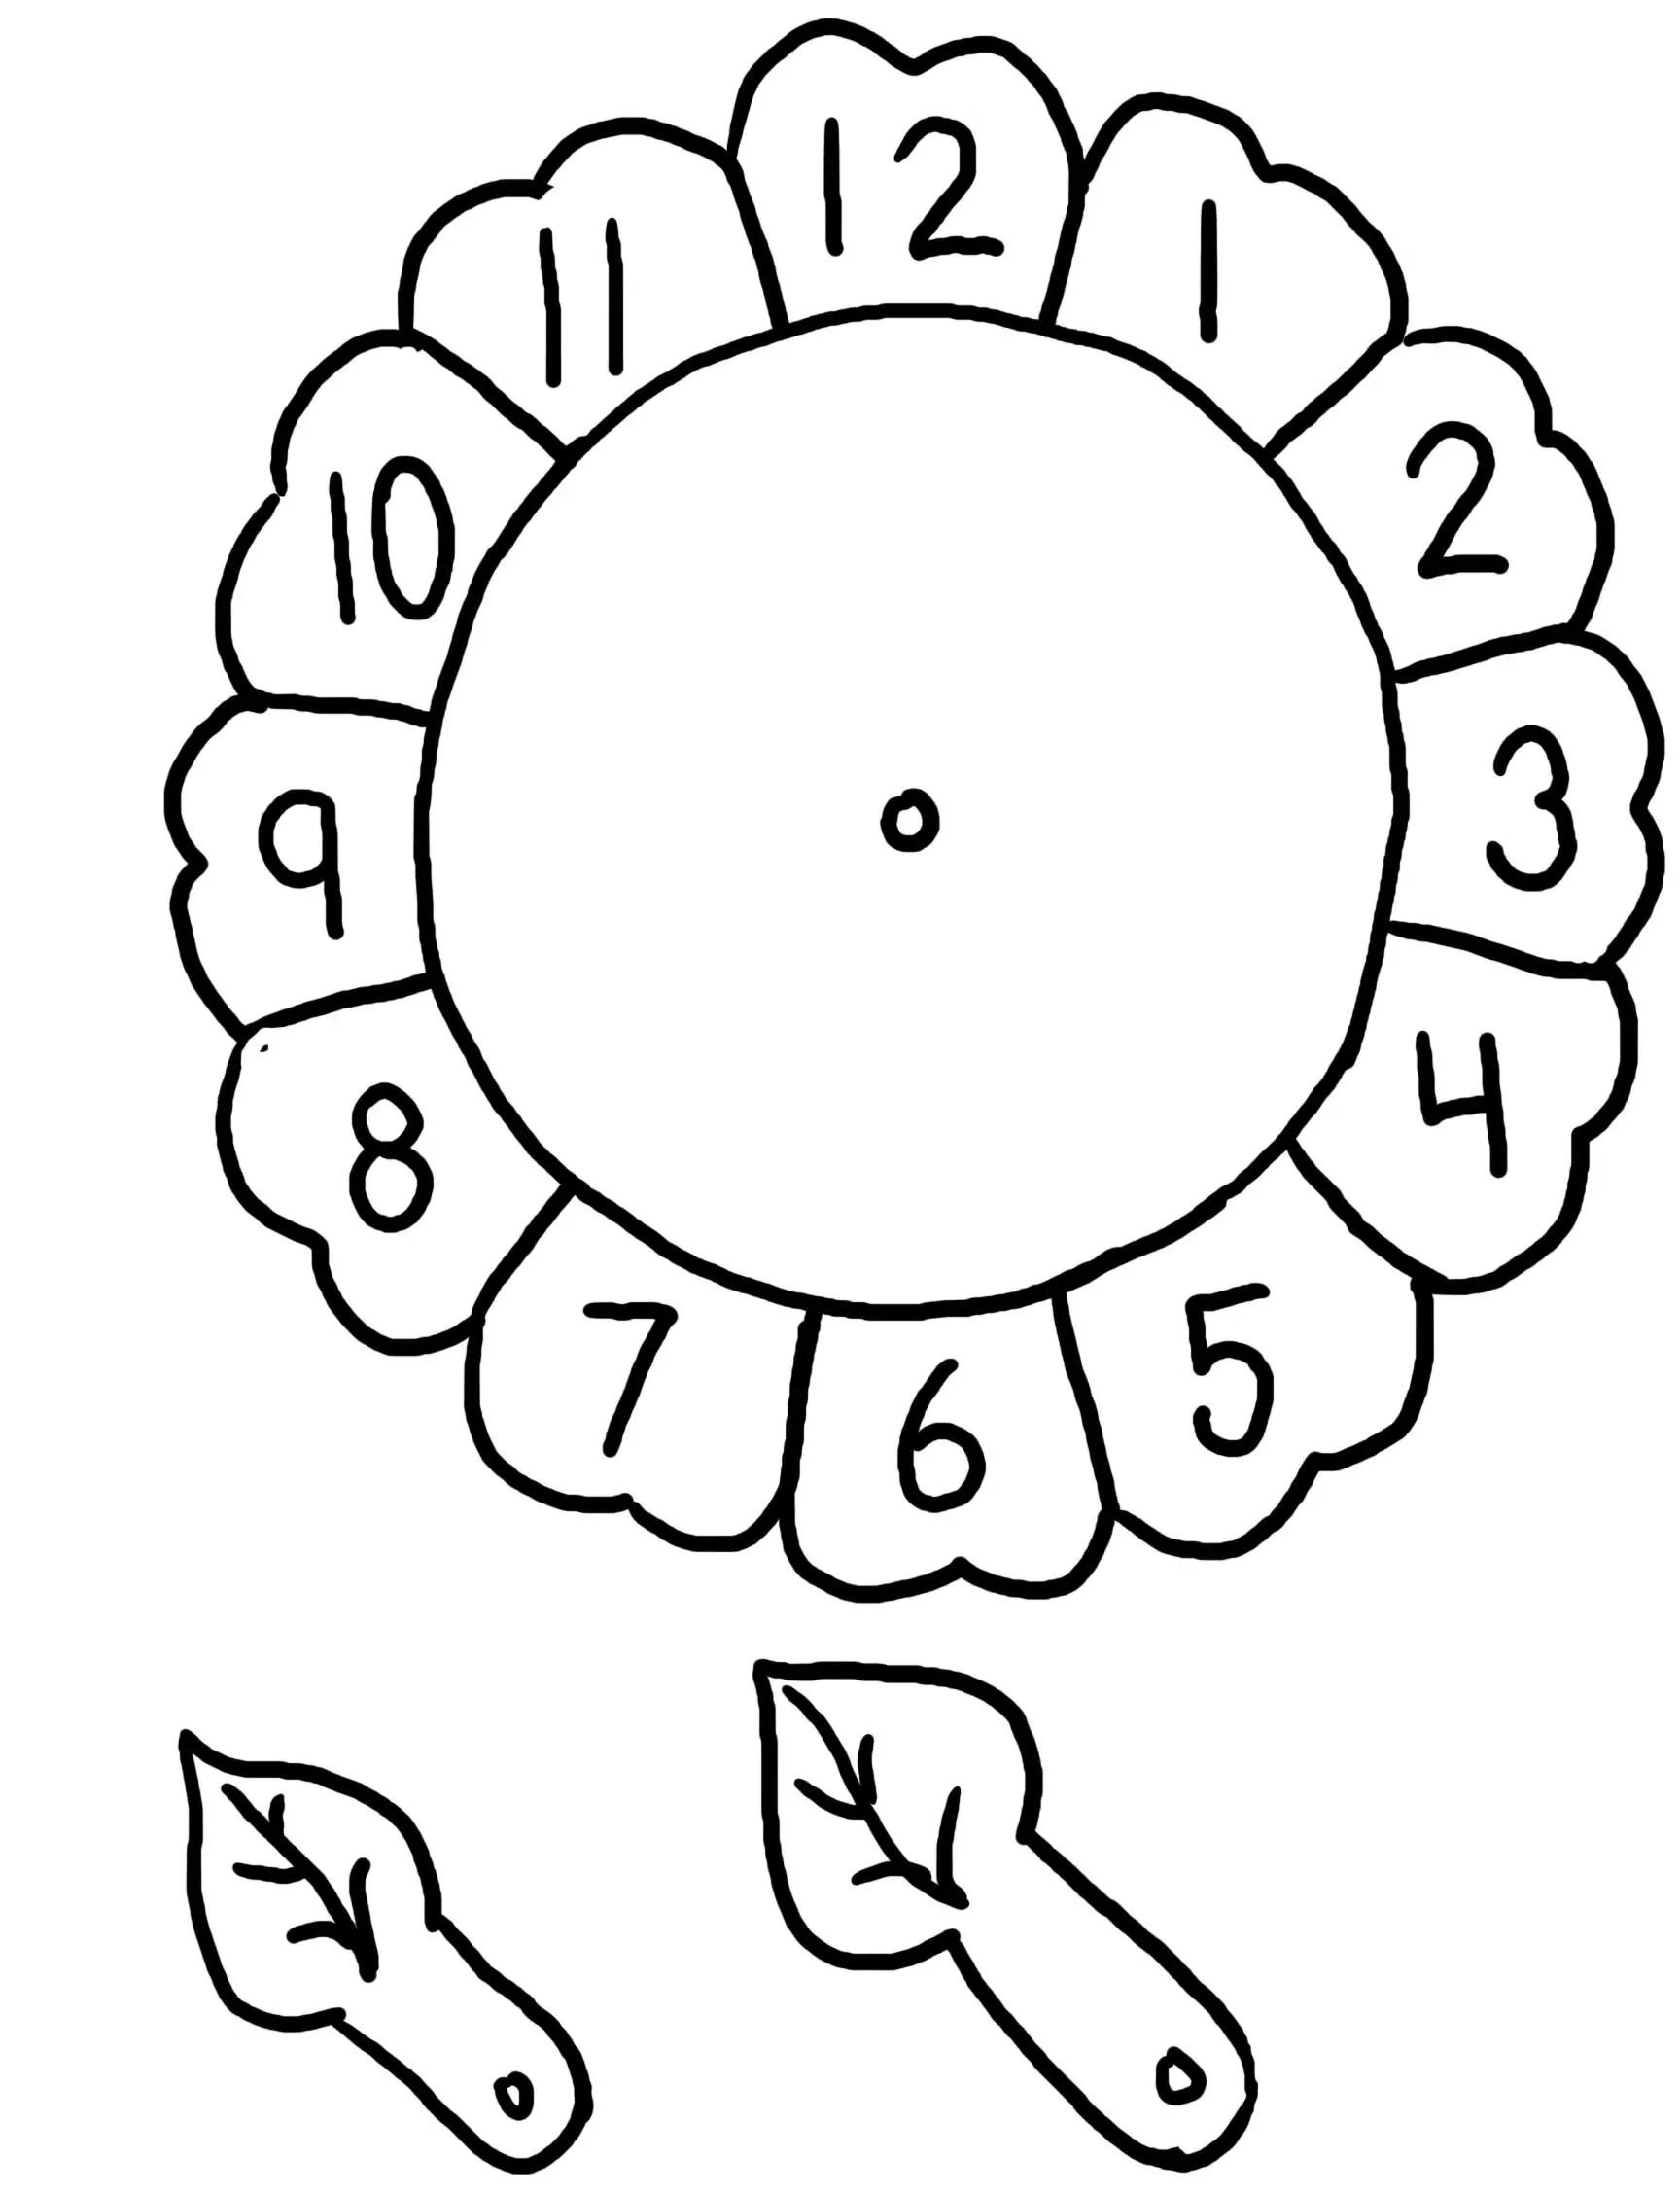 Dibujo De Reloj En Forma De Flor Para Colorear